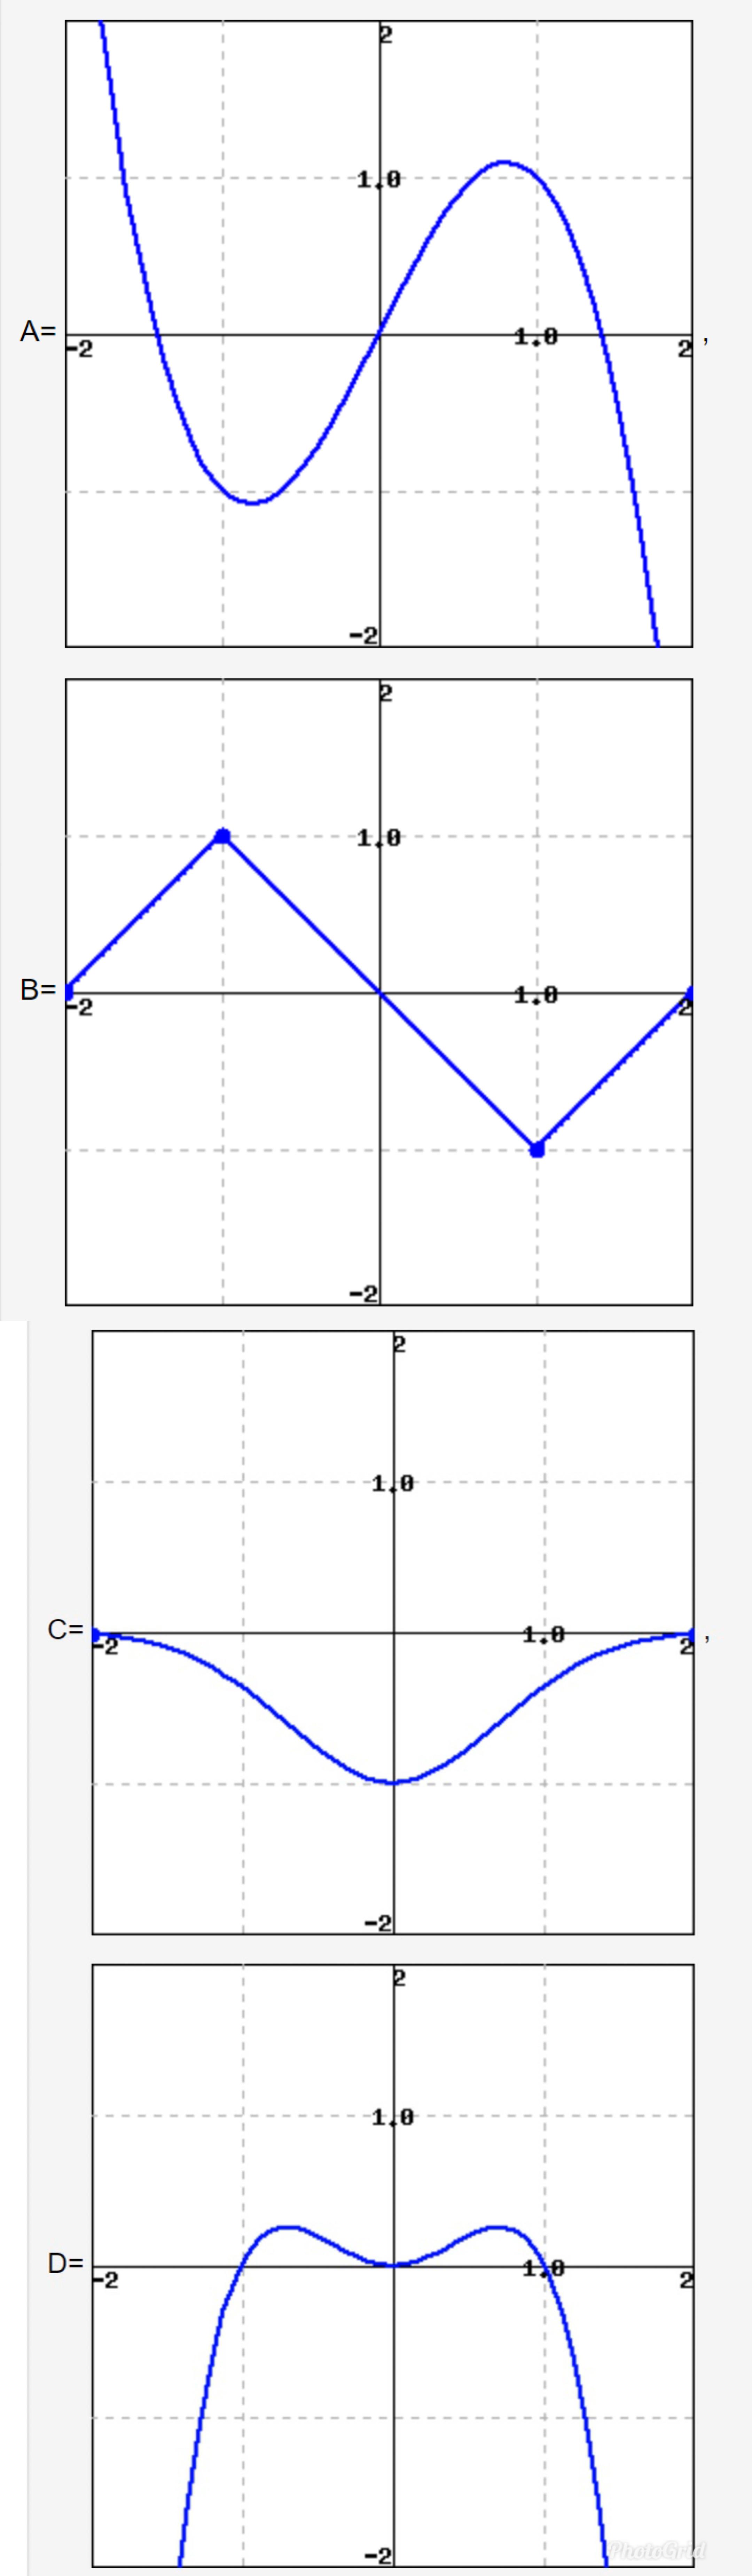 A= -2 -2 10 B= -2 1.0 C= -2 1.0 D= 2 2 PhotoGrd -2 N